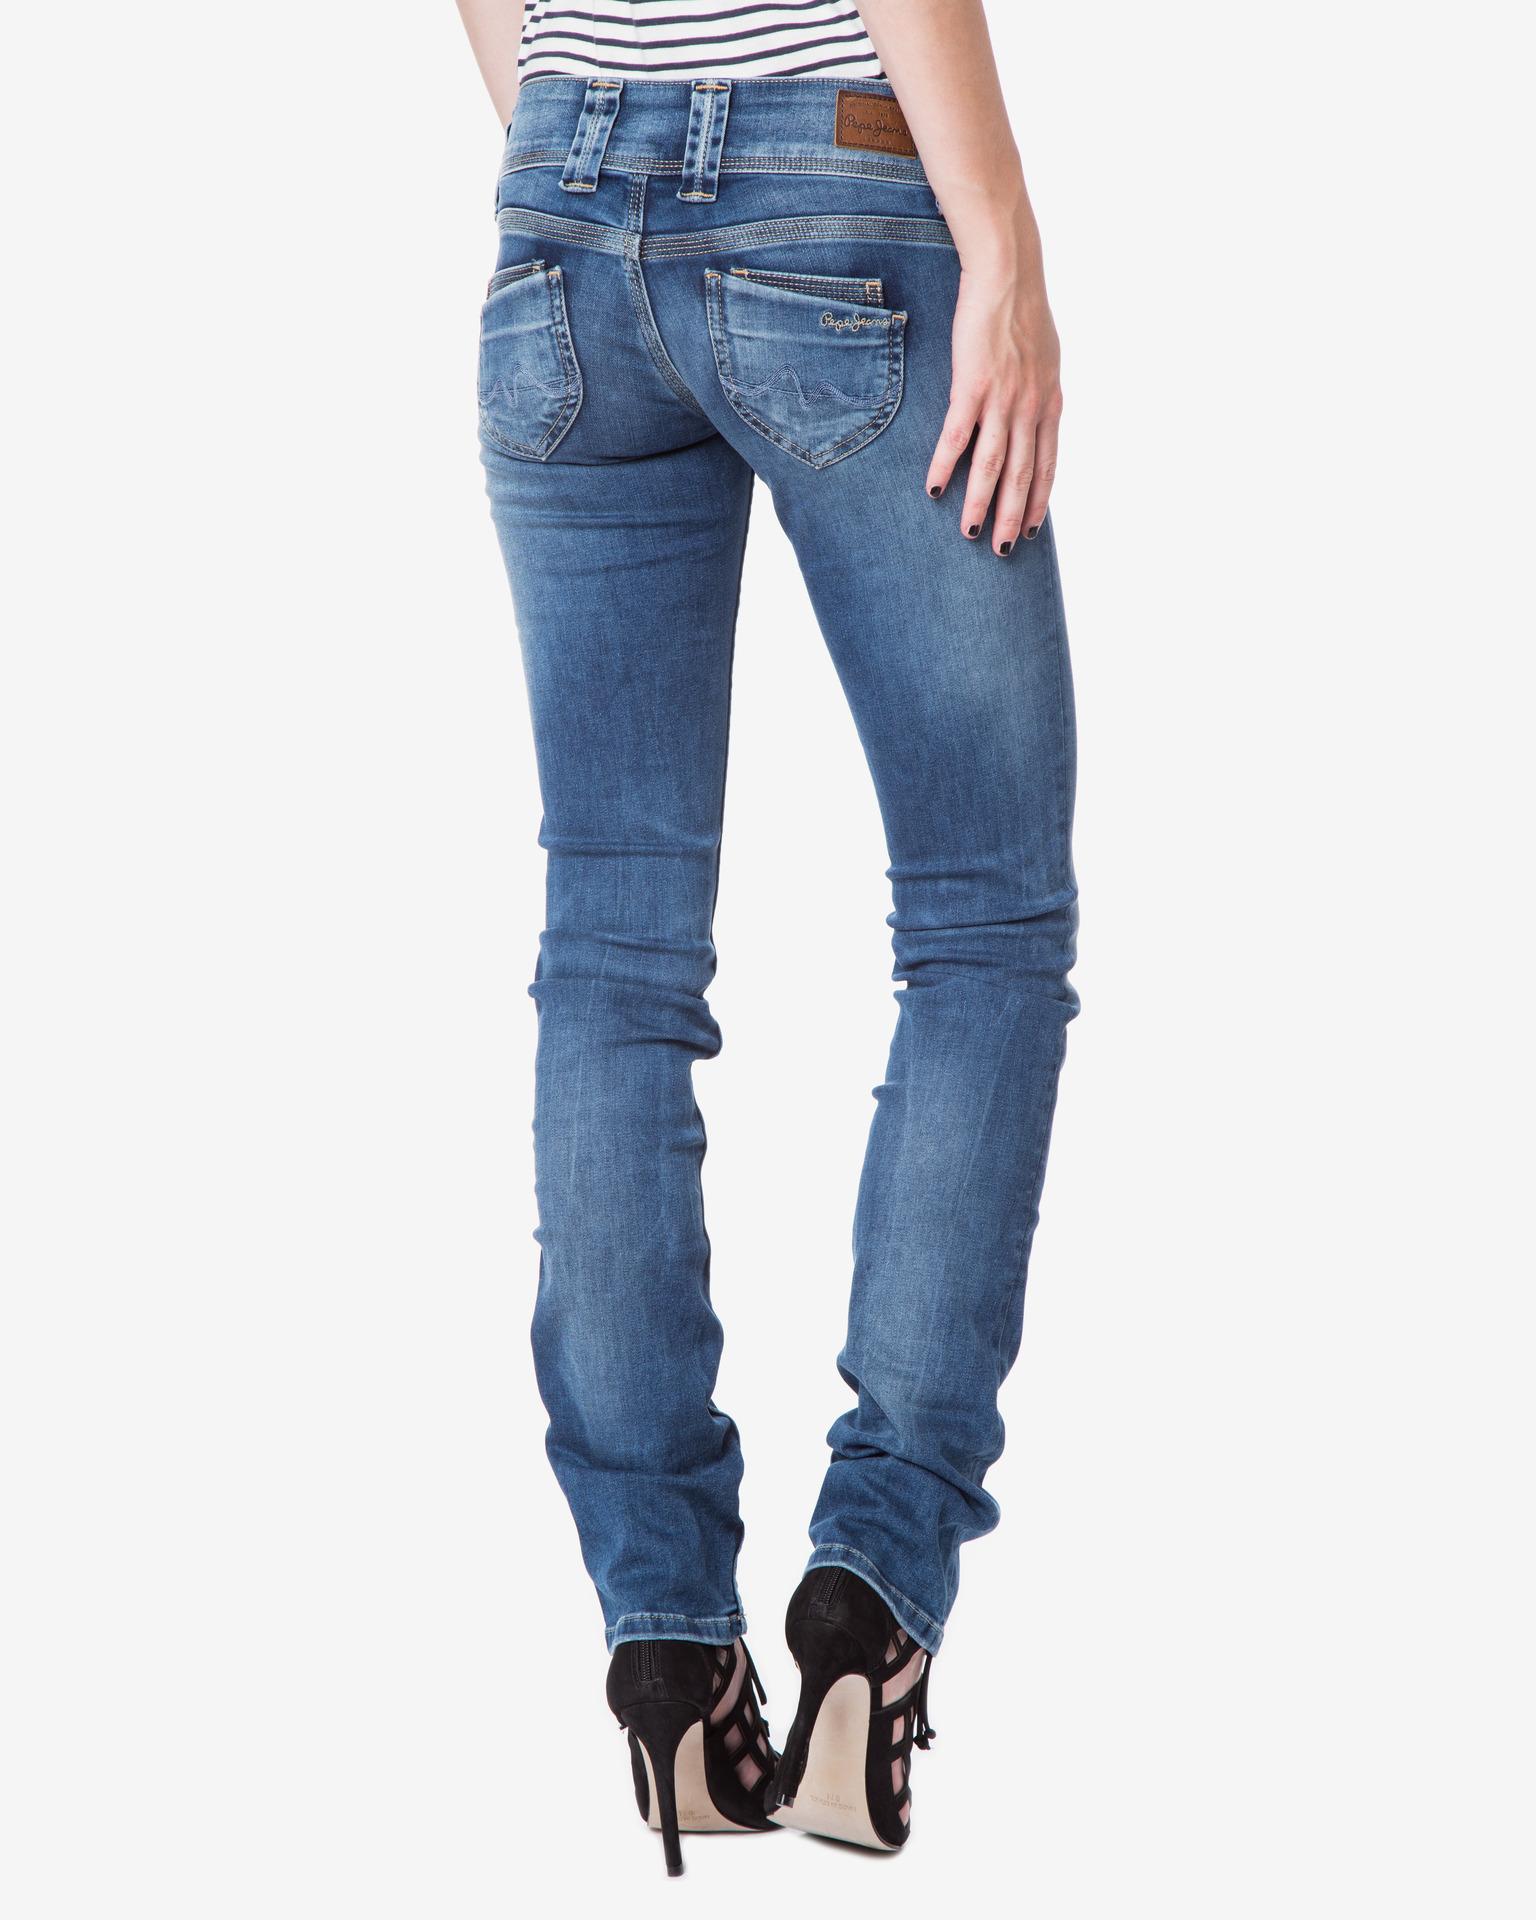 pepe jeans venus jeans. Black Bedroom Furniture Sets. Home Design Ideas